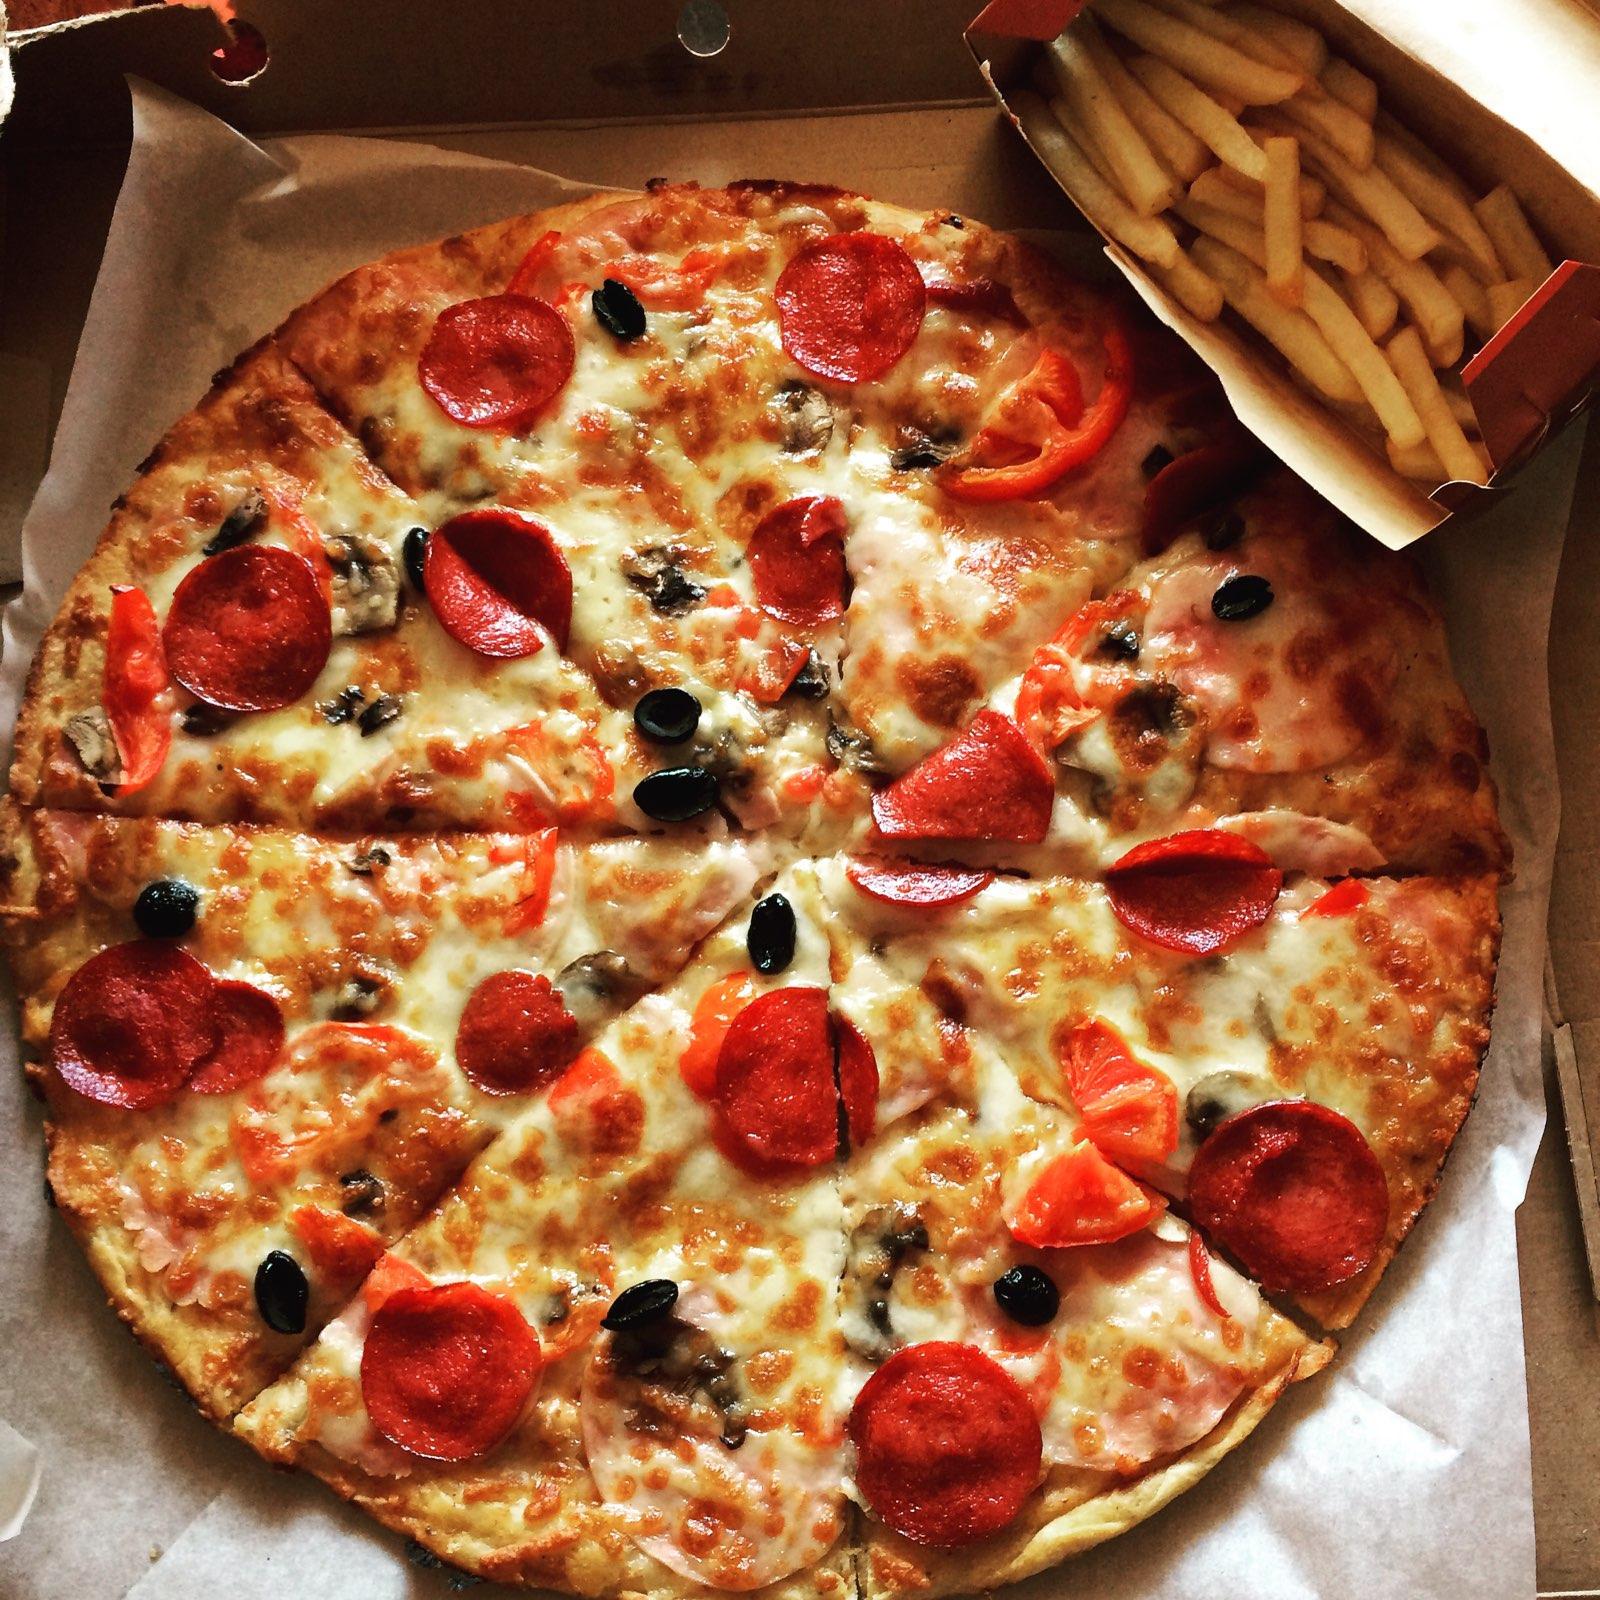 фото пиццы дома в коробке здоровья удачи, большой